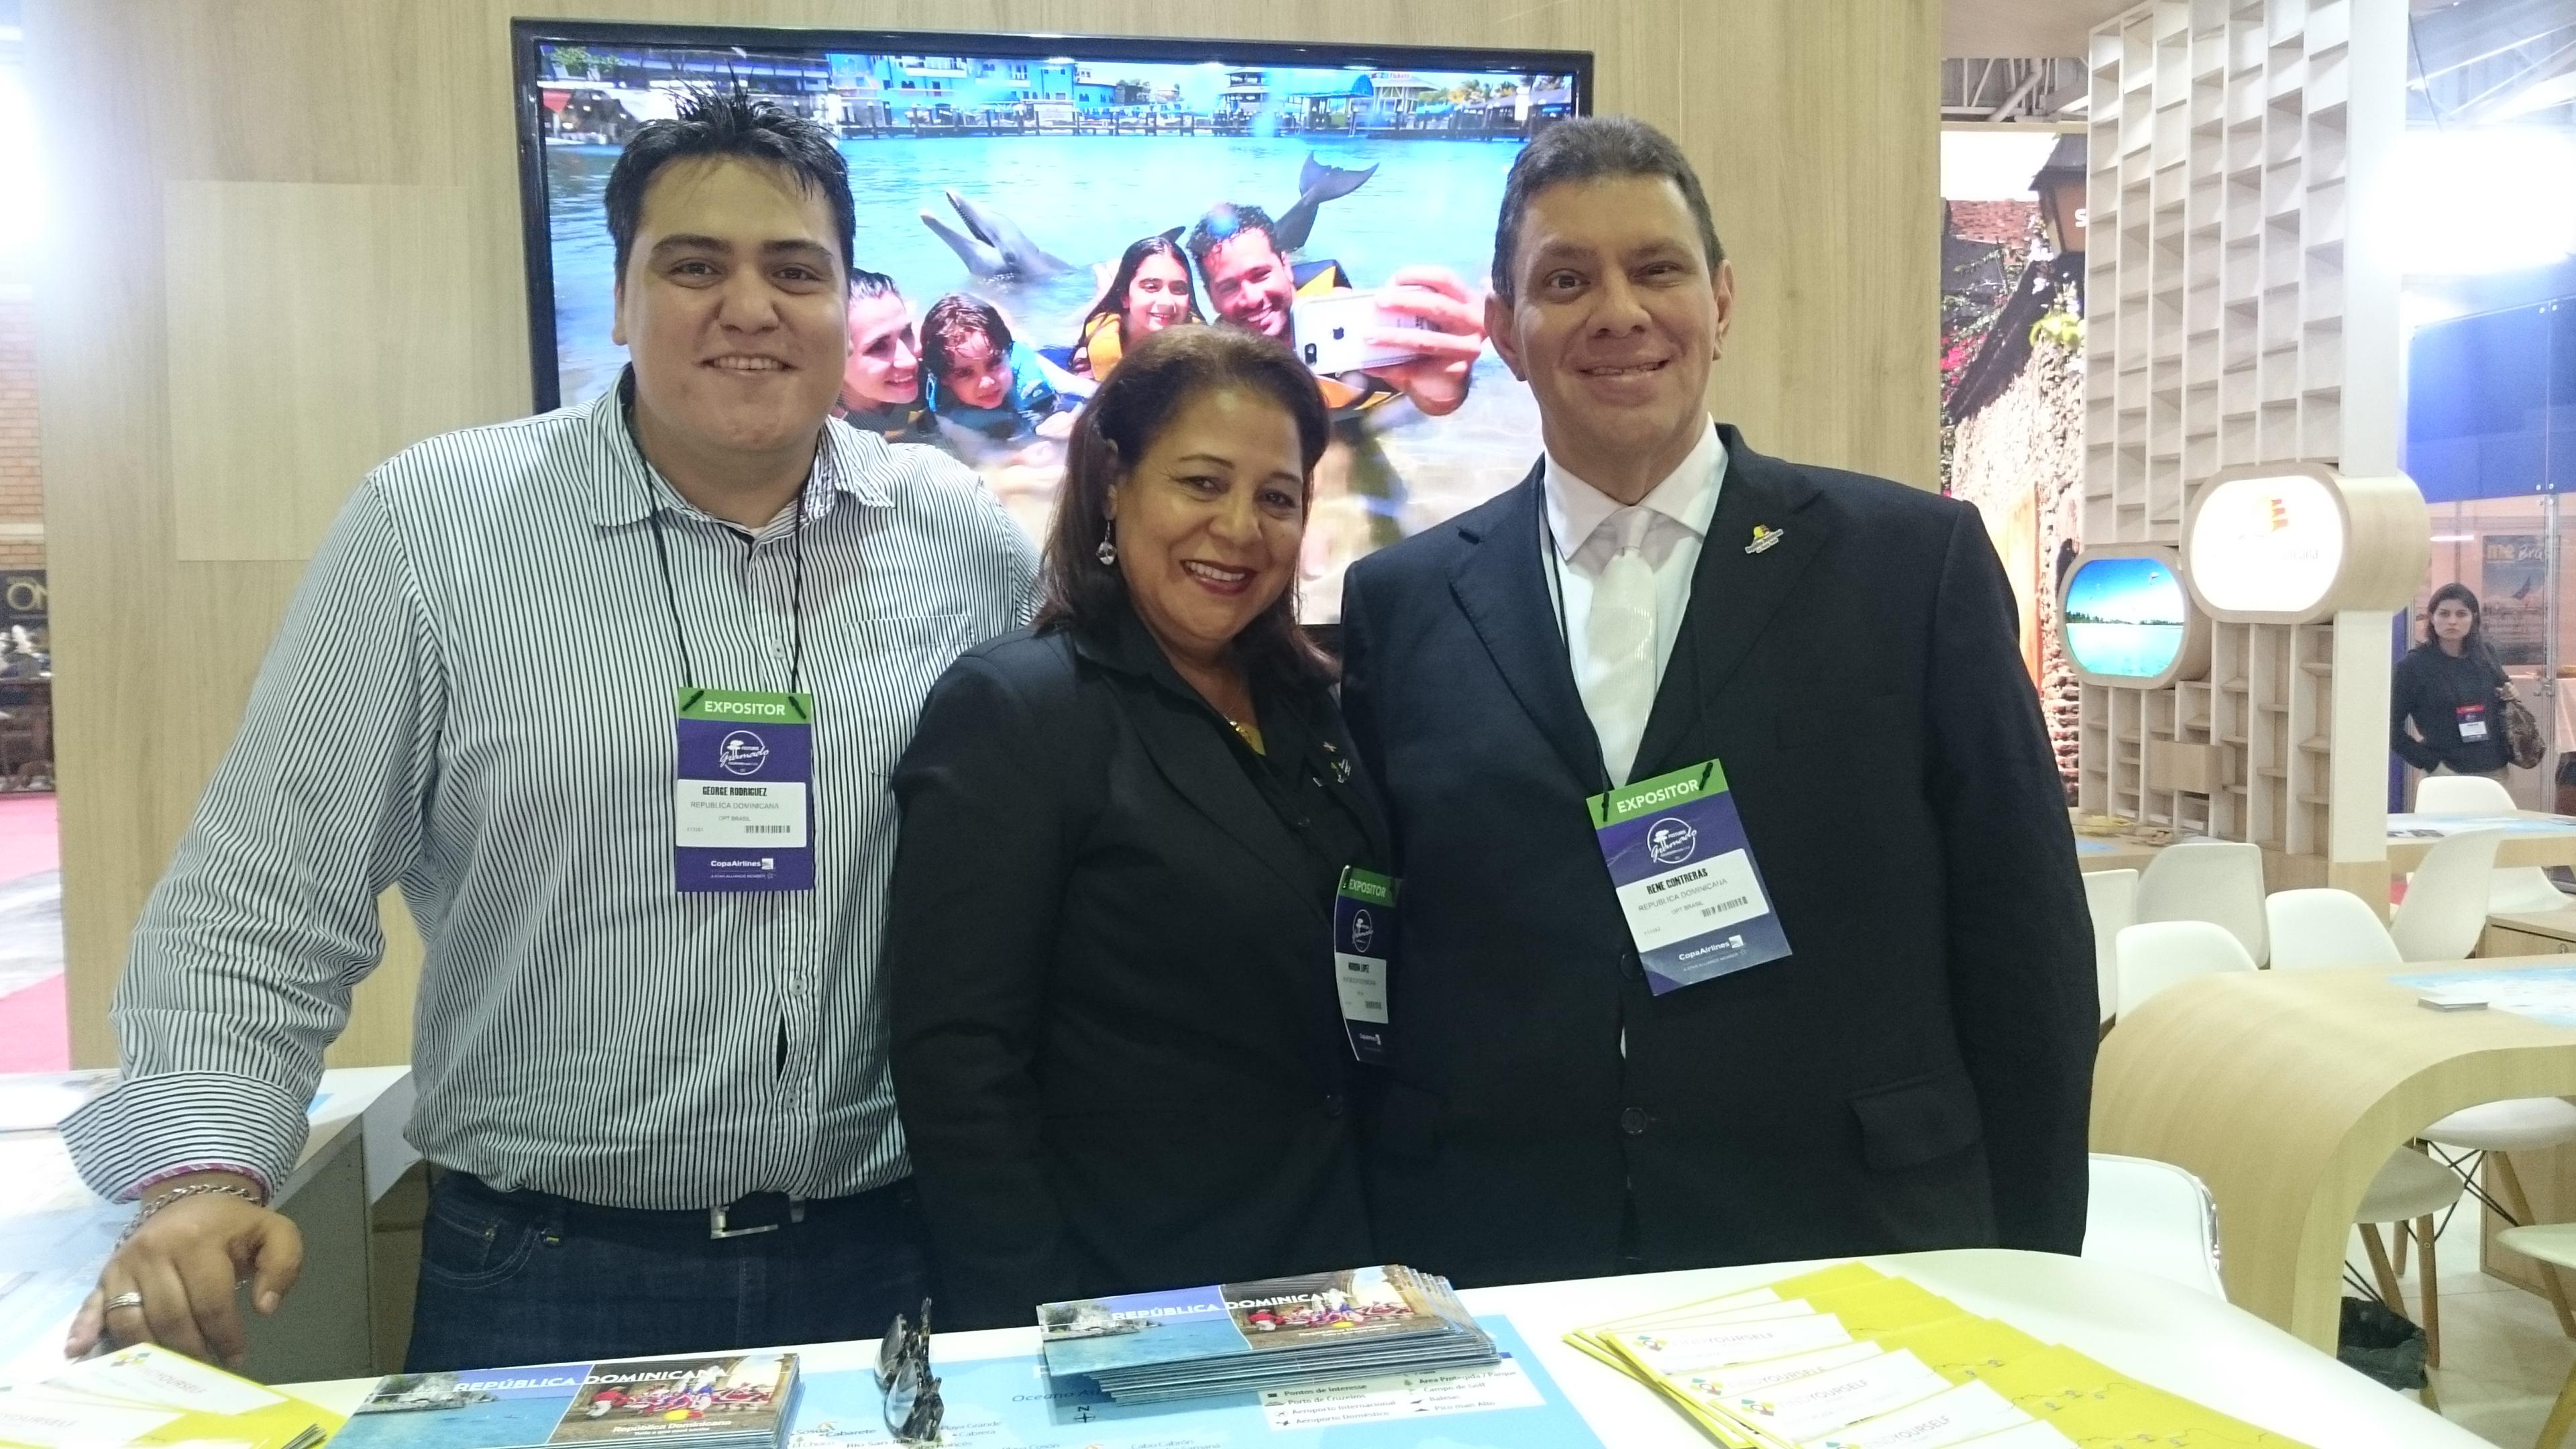 George Rodriguez, Nurquia Lopez e Rene Contreras, da República Dominicana